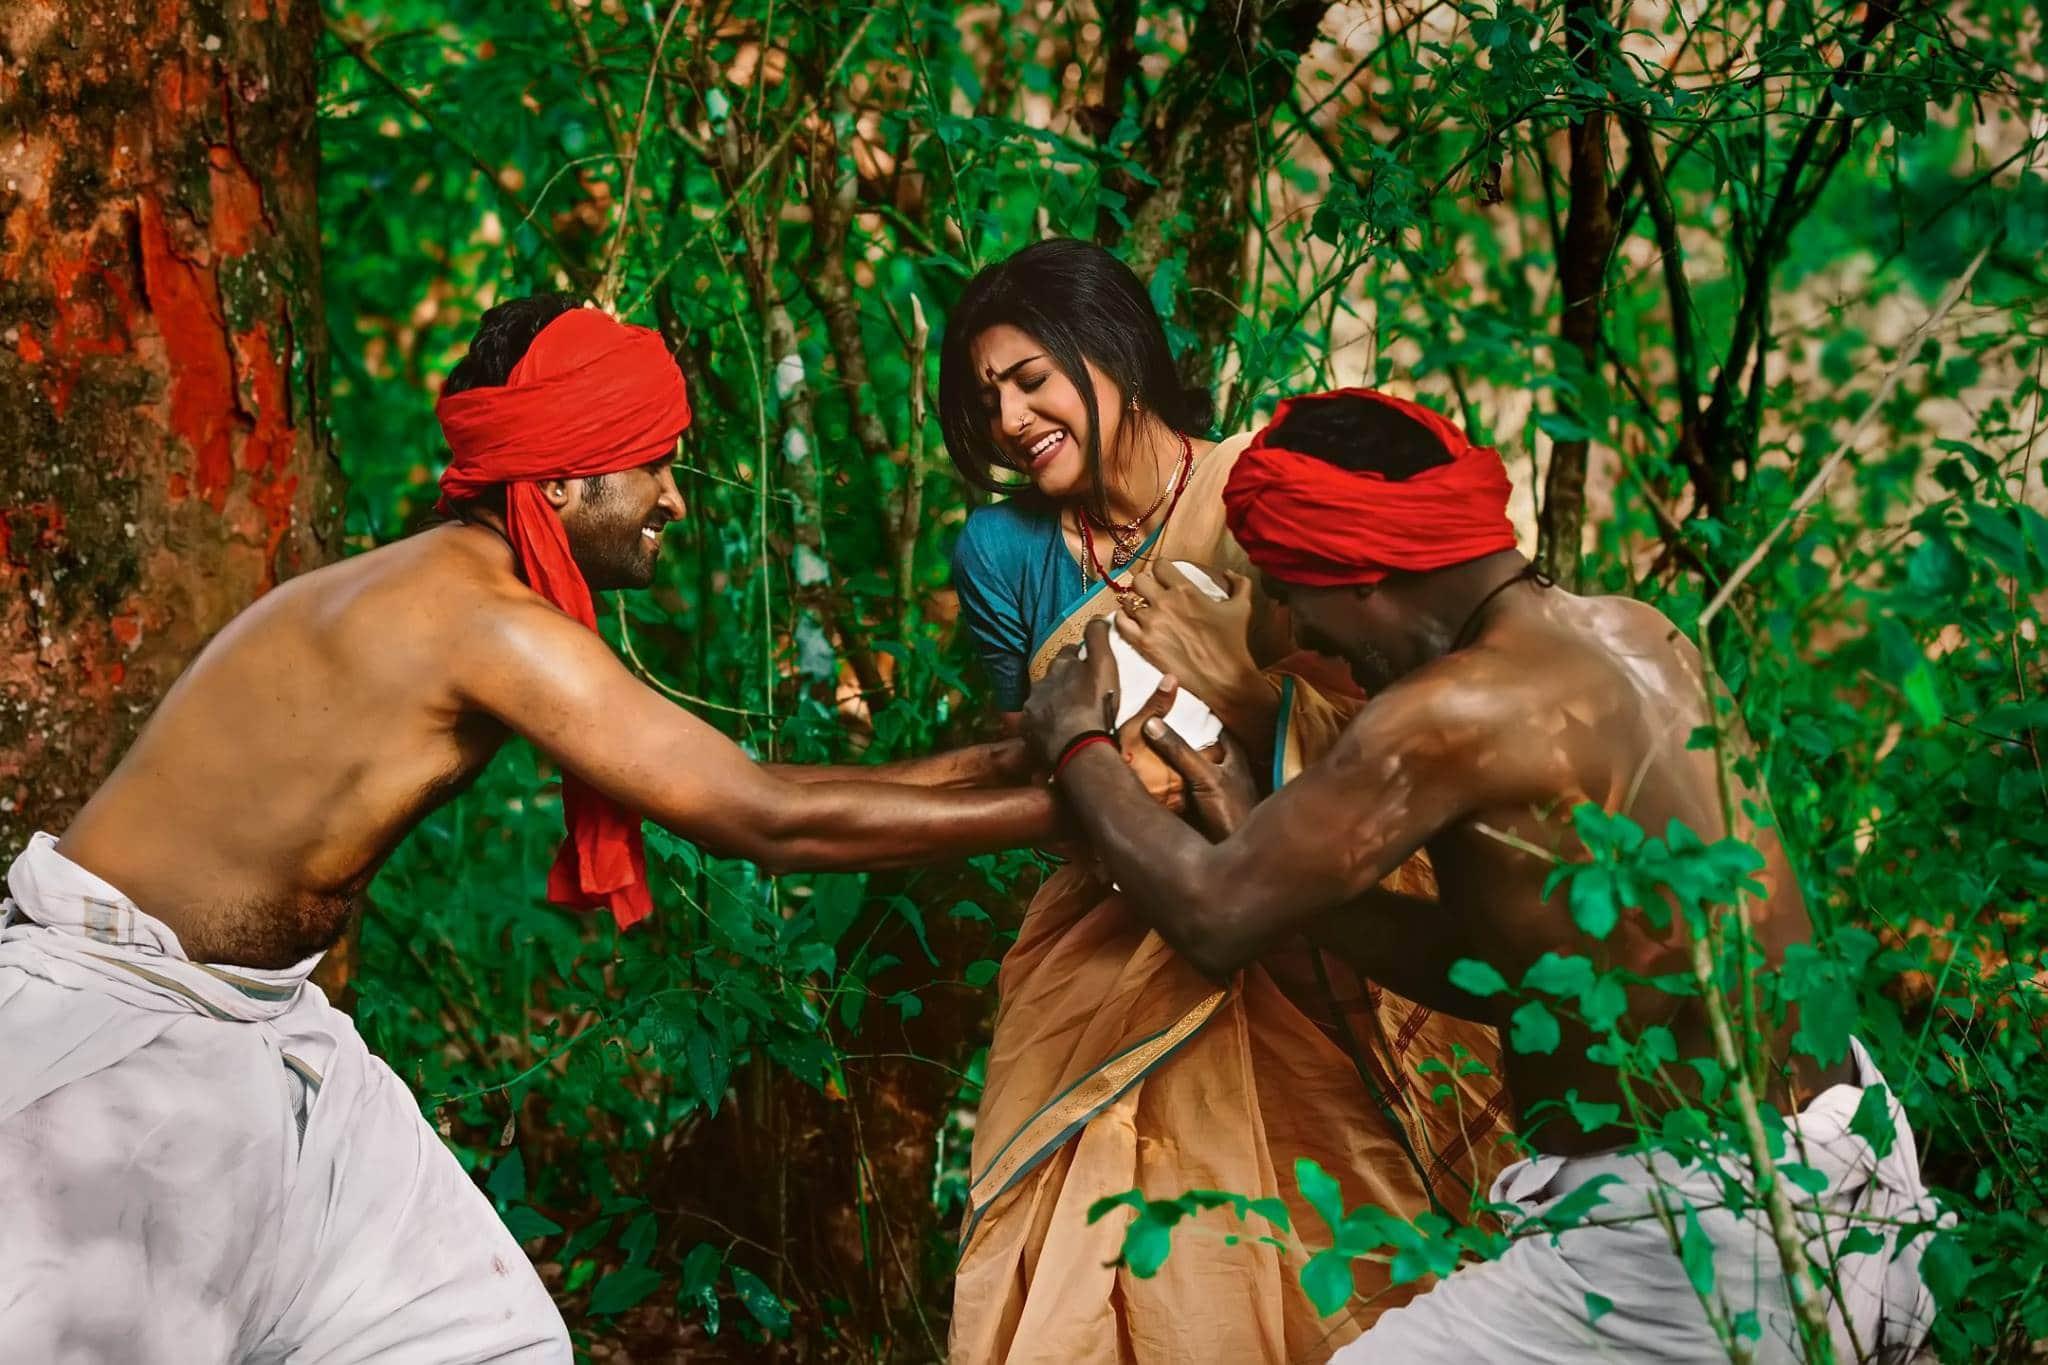 An-Award-winning-photo-story-Avani-By-Arjun-Kamath-40